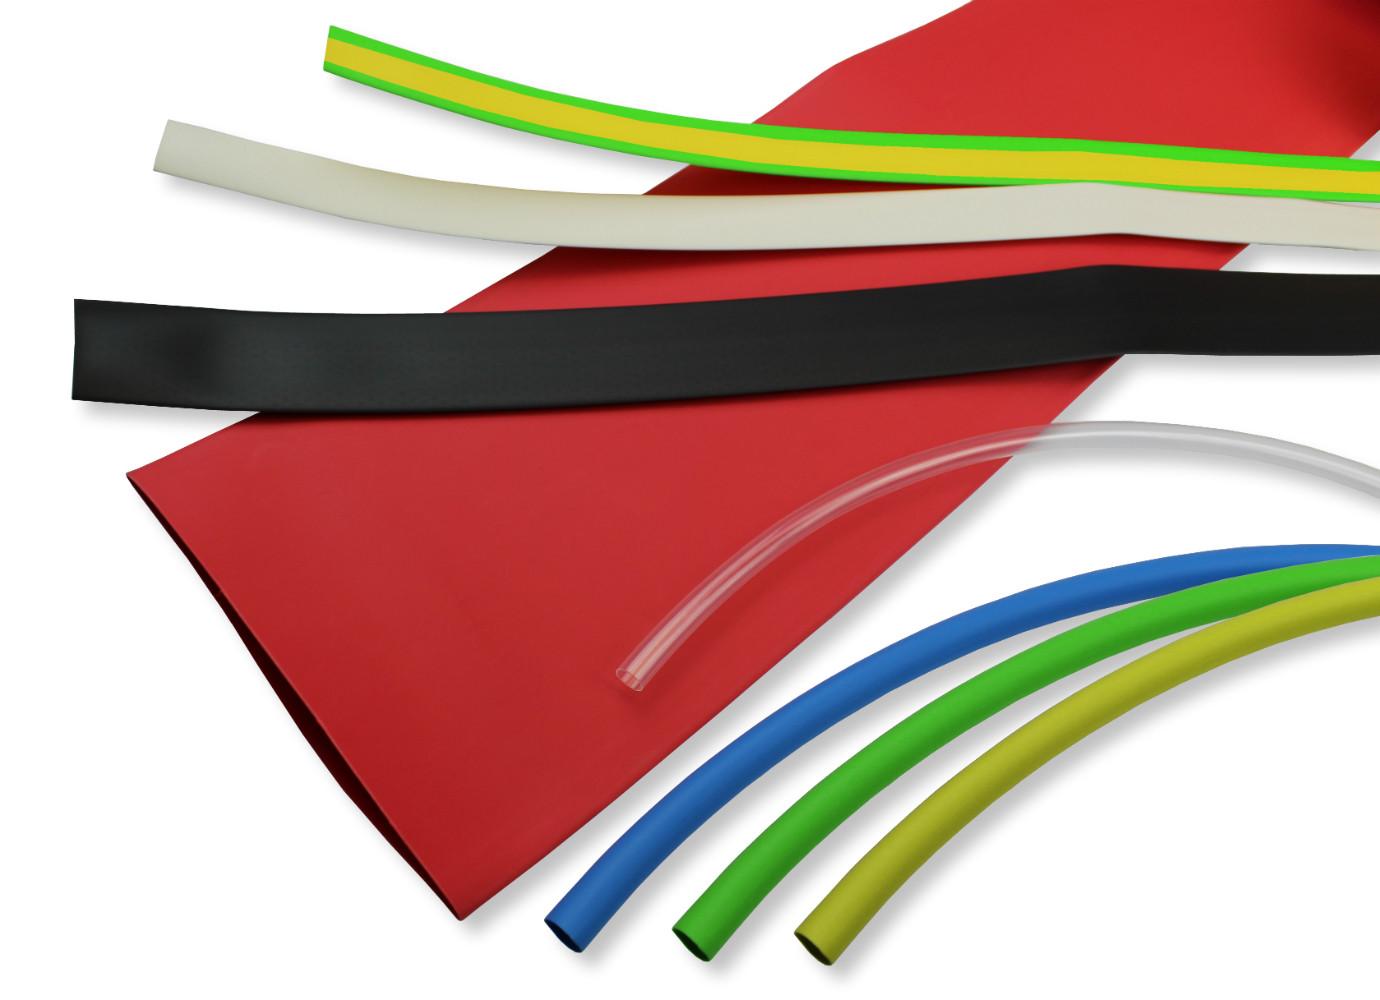 PREMIUM Heat Shrink Tubing 3:1 Ratio HSP3 size 9.0mm I.D / 3.0mm I.D Clear